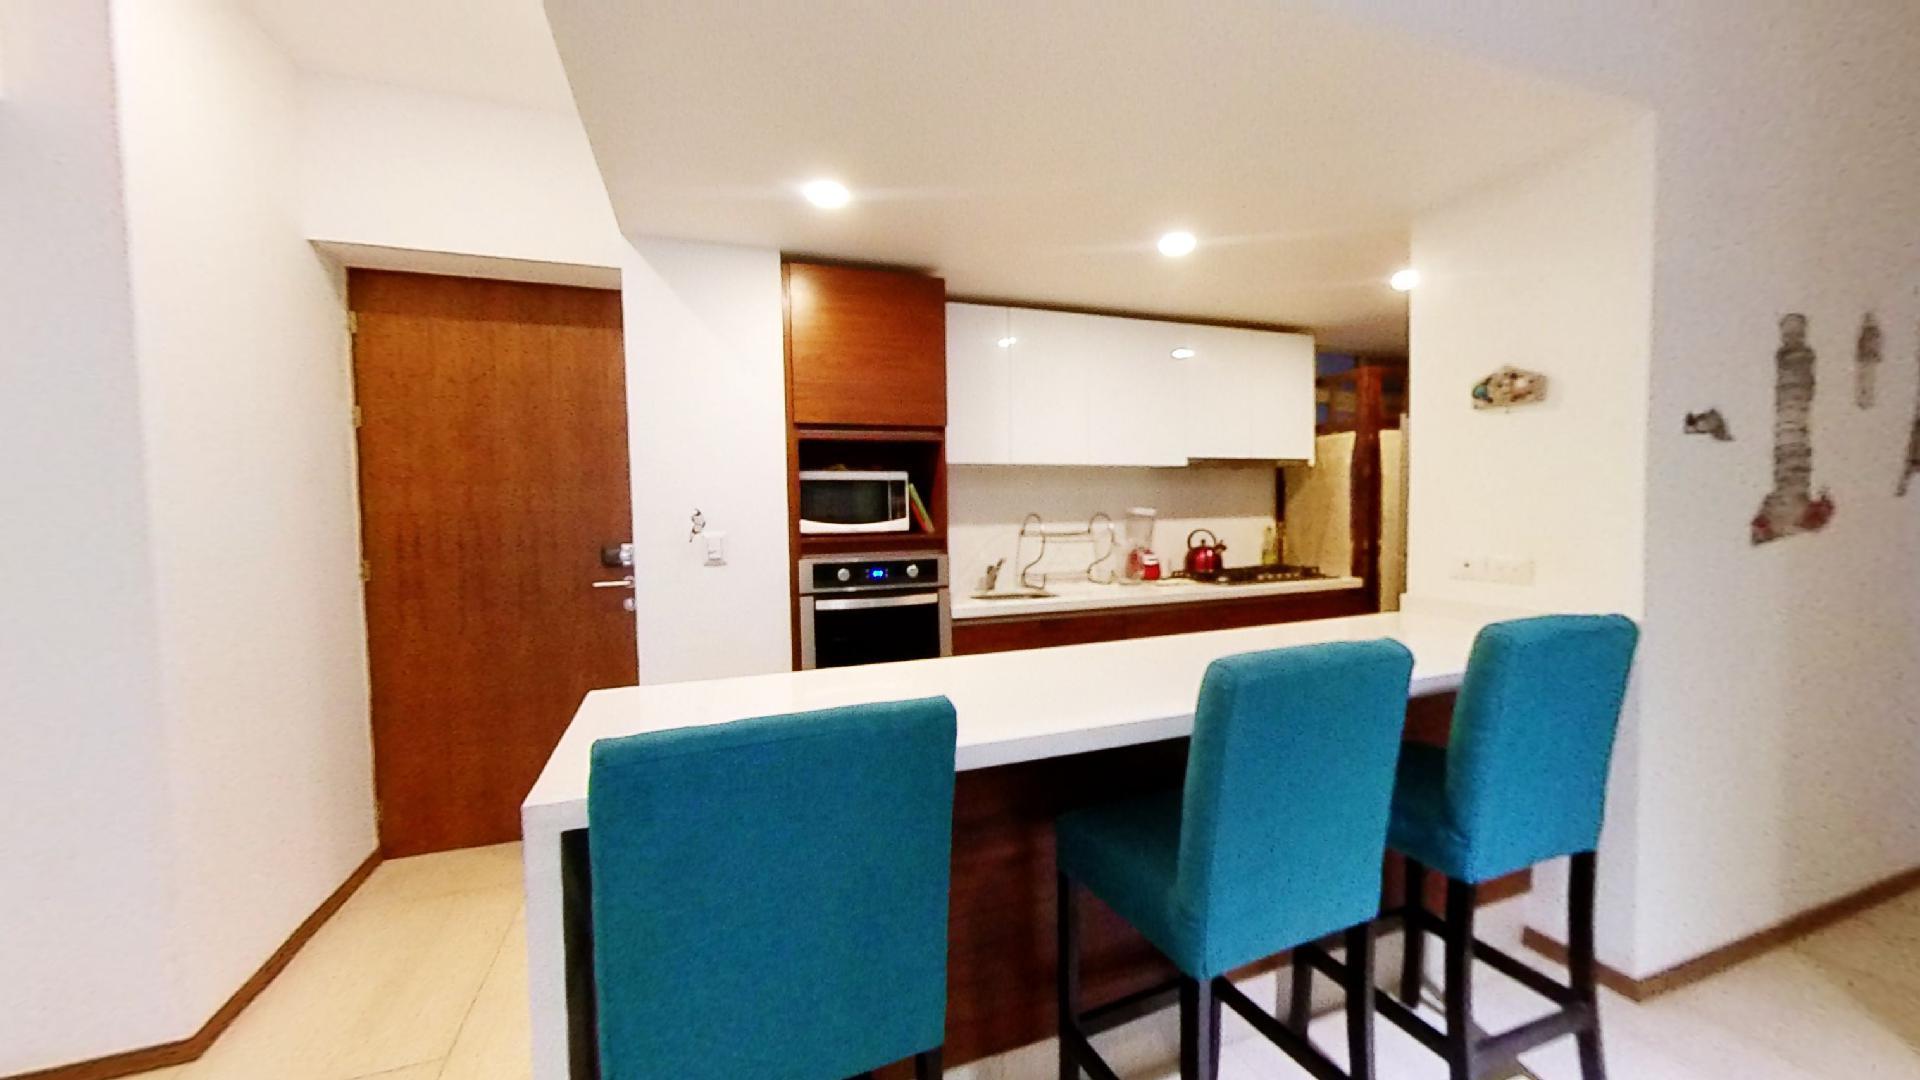 Venta departamento de 3 recámaras en City Towers Green, Colonia Santa Cruz. Barra de Cocina